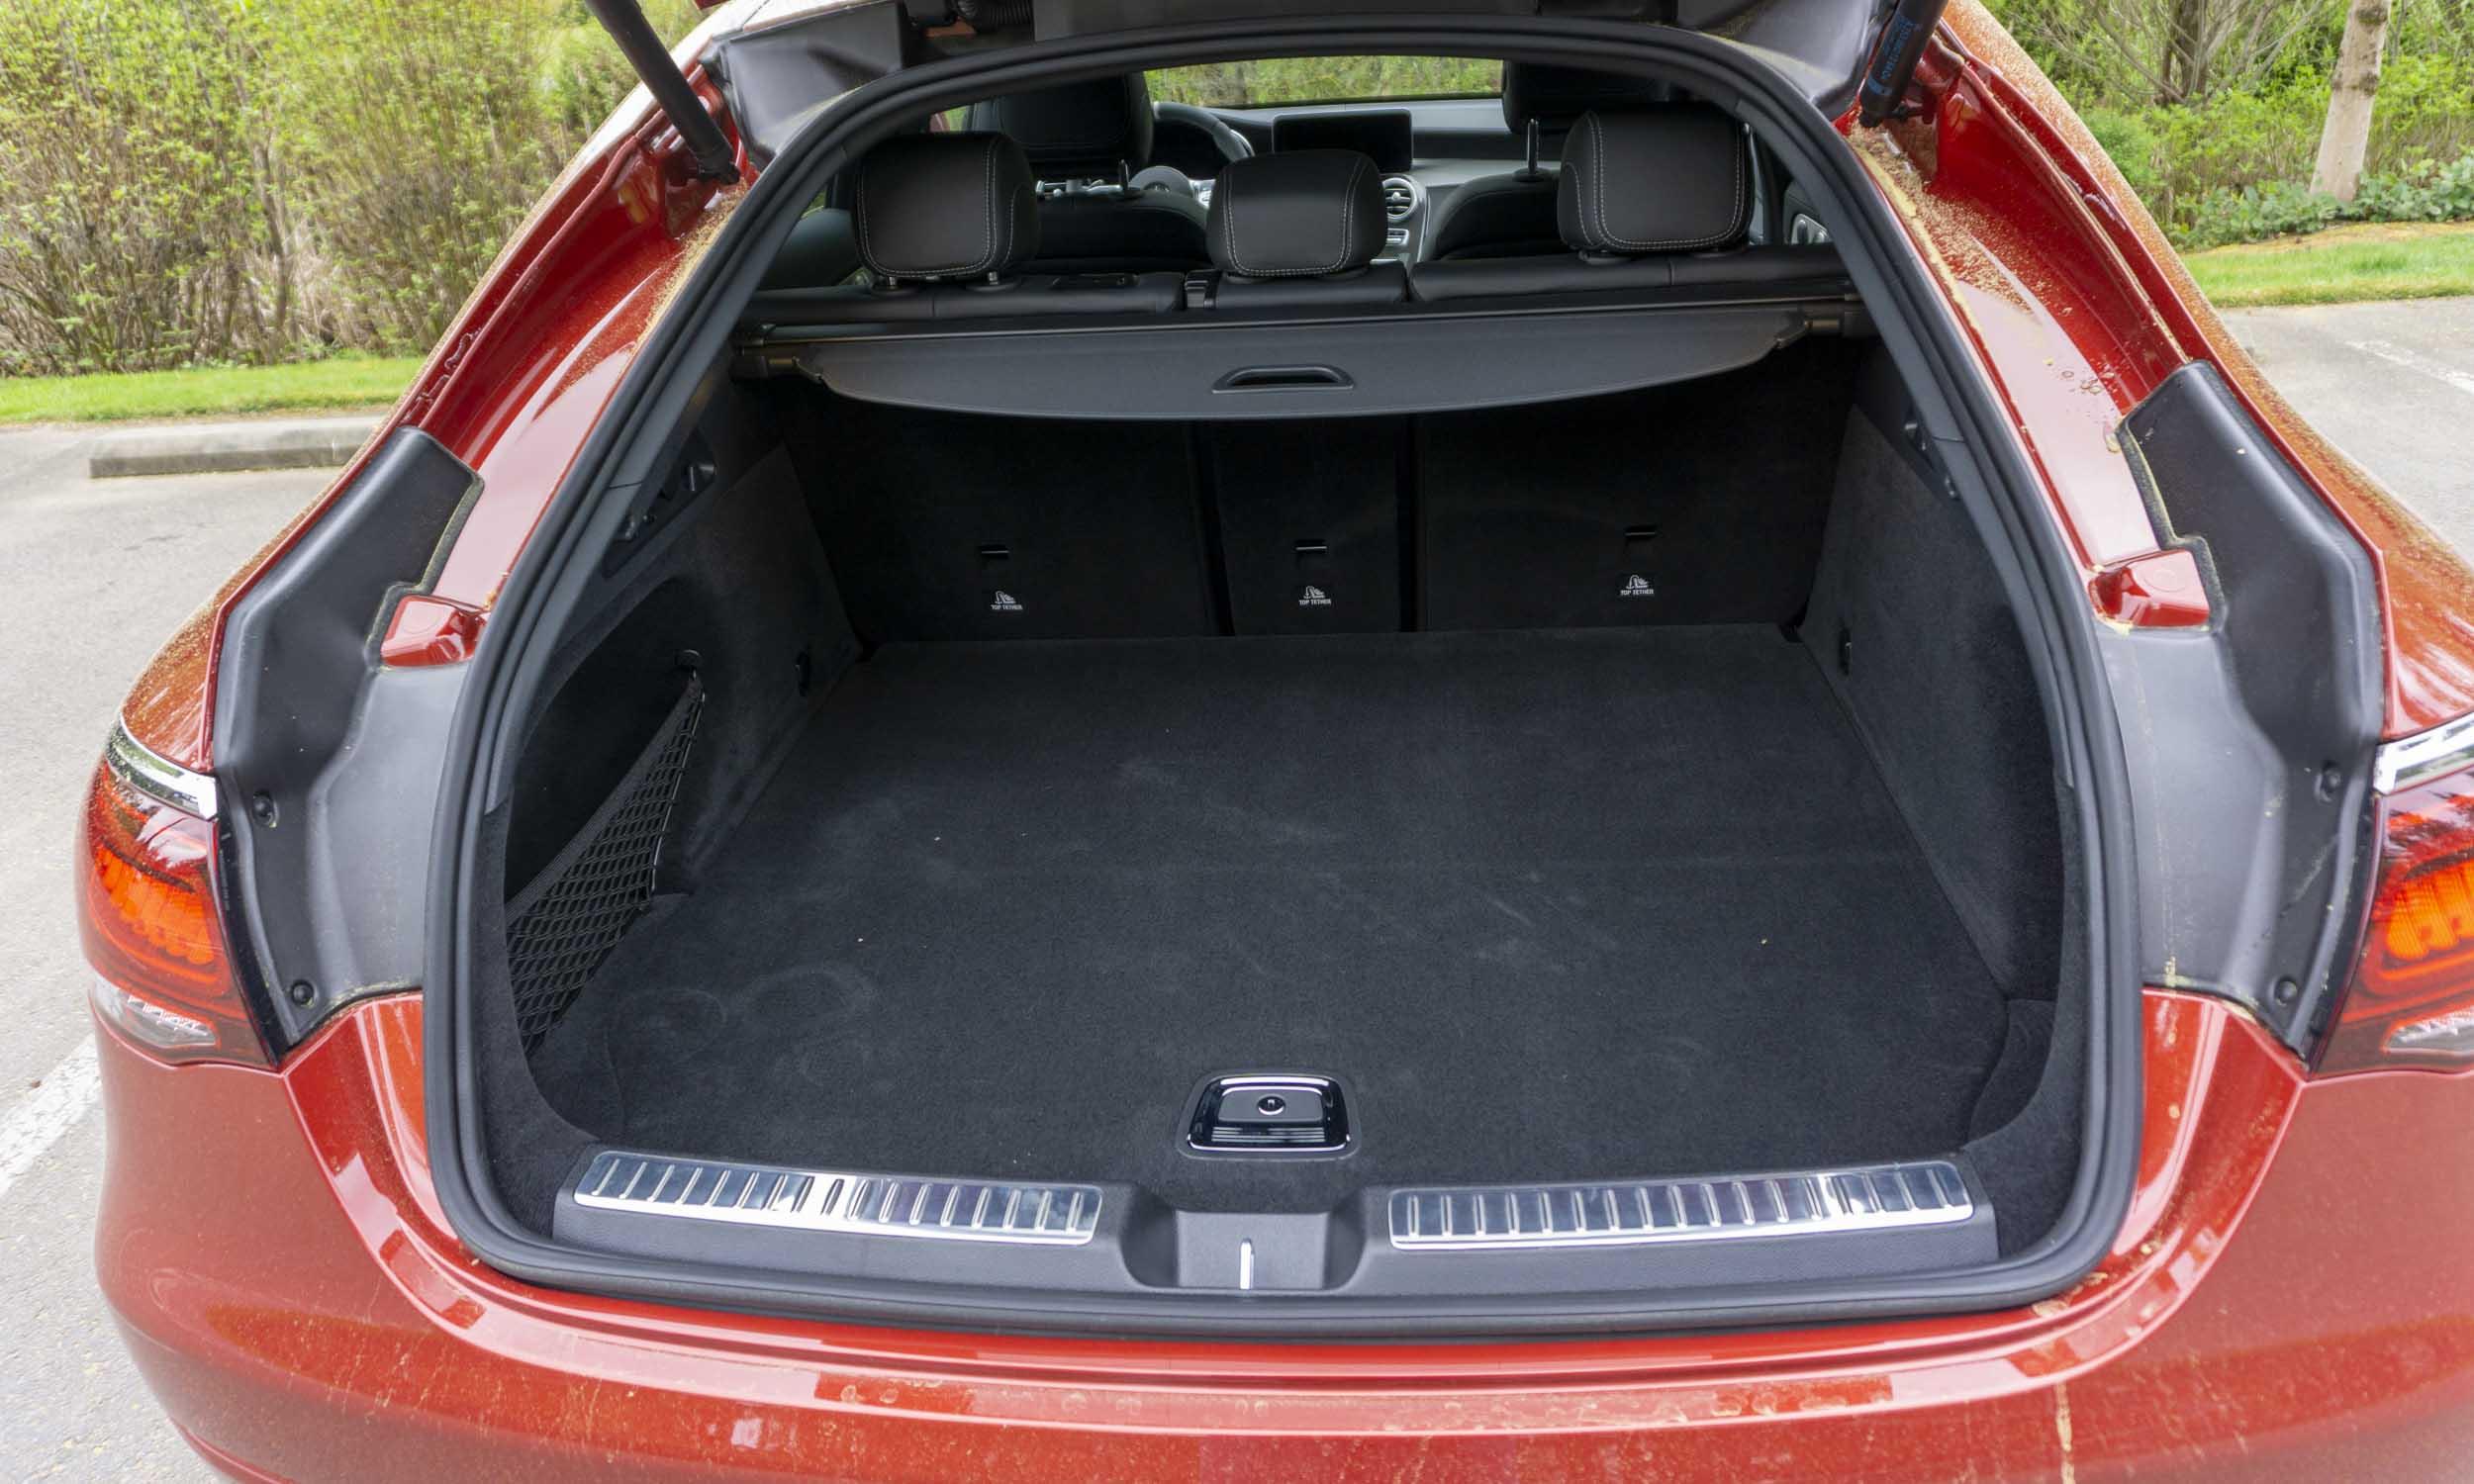 Mercedes Amg Glc 63 S Coupe Review Autonxt